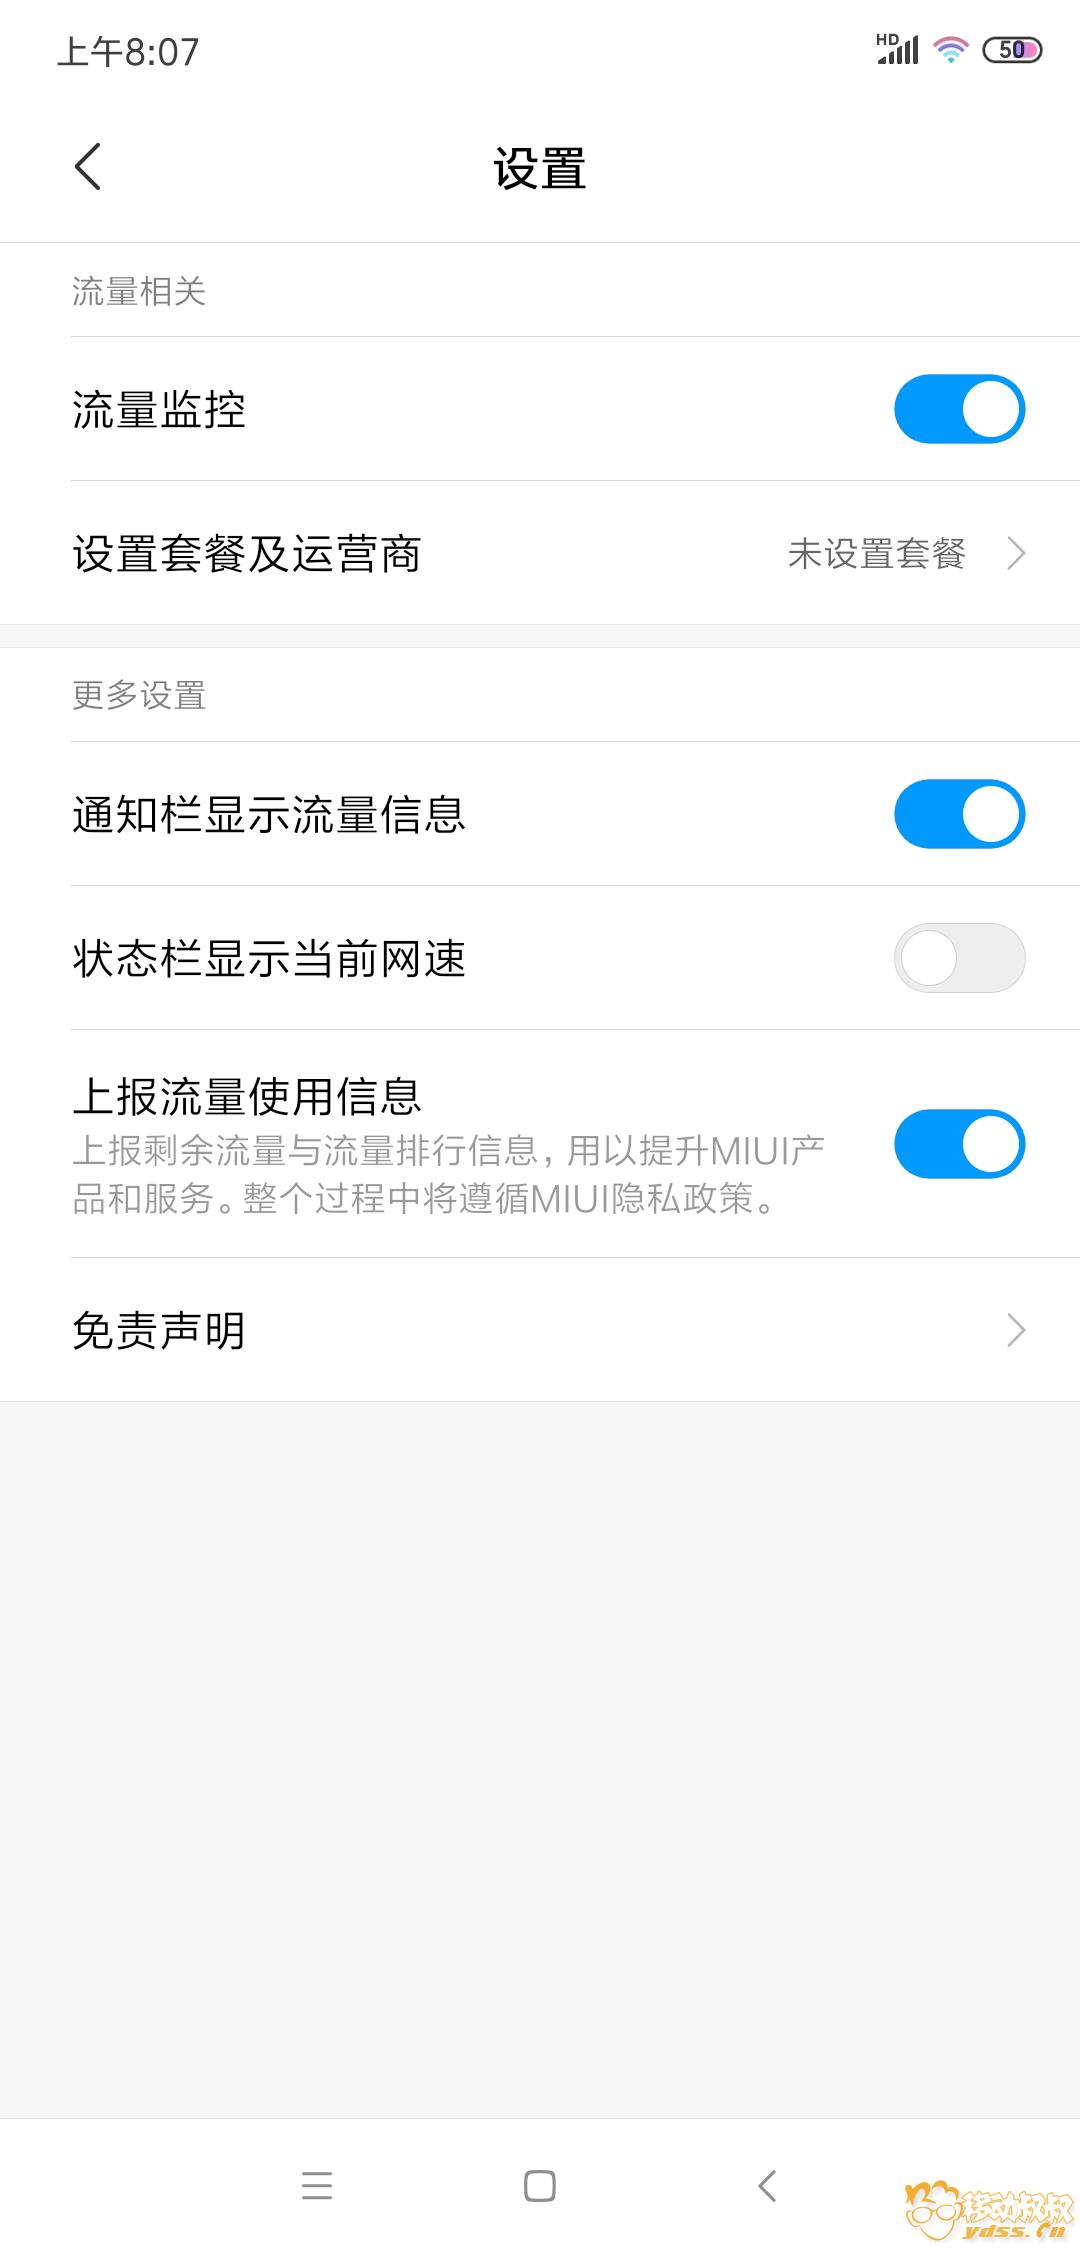 Screenshot_2019-09-11-08-07-58-107_com.miui.securitycenter.png